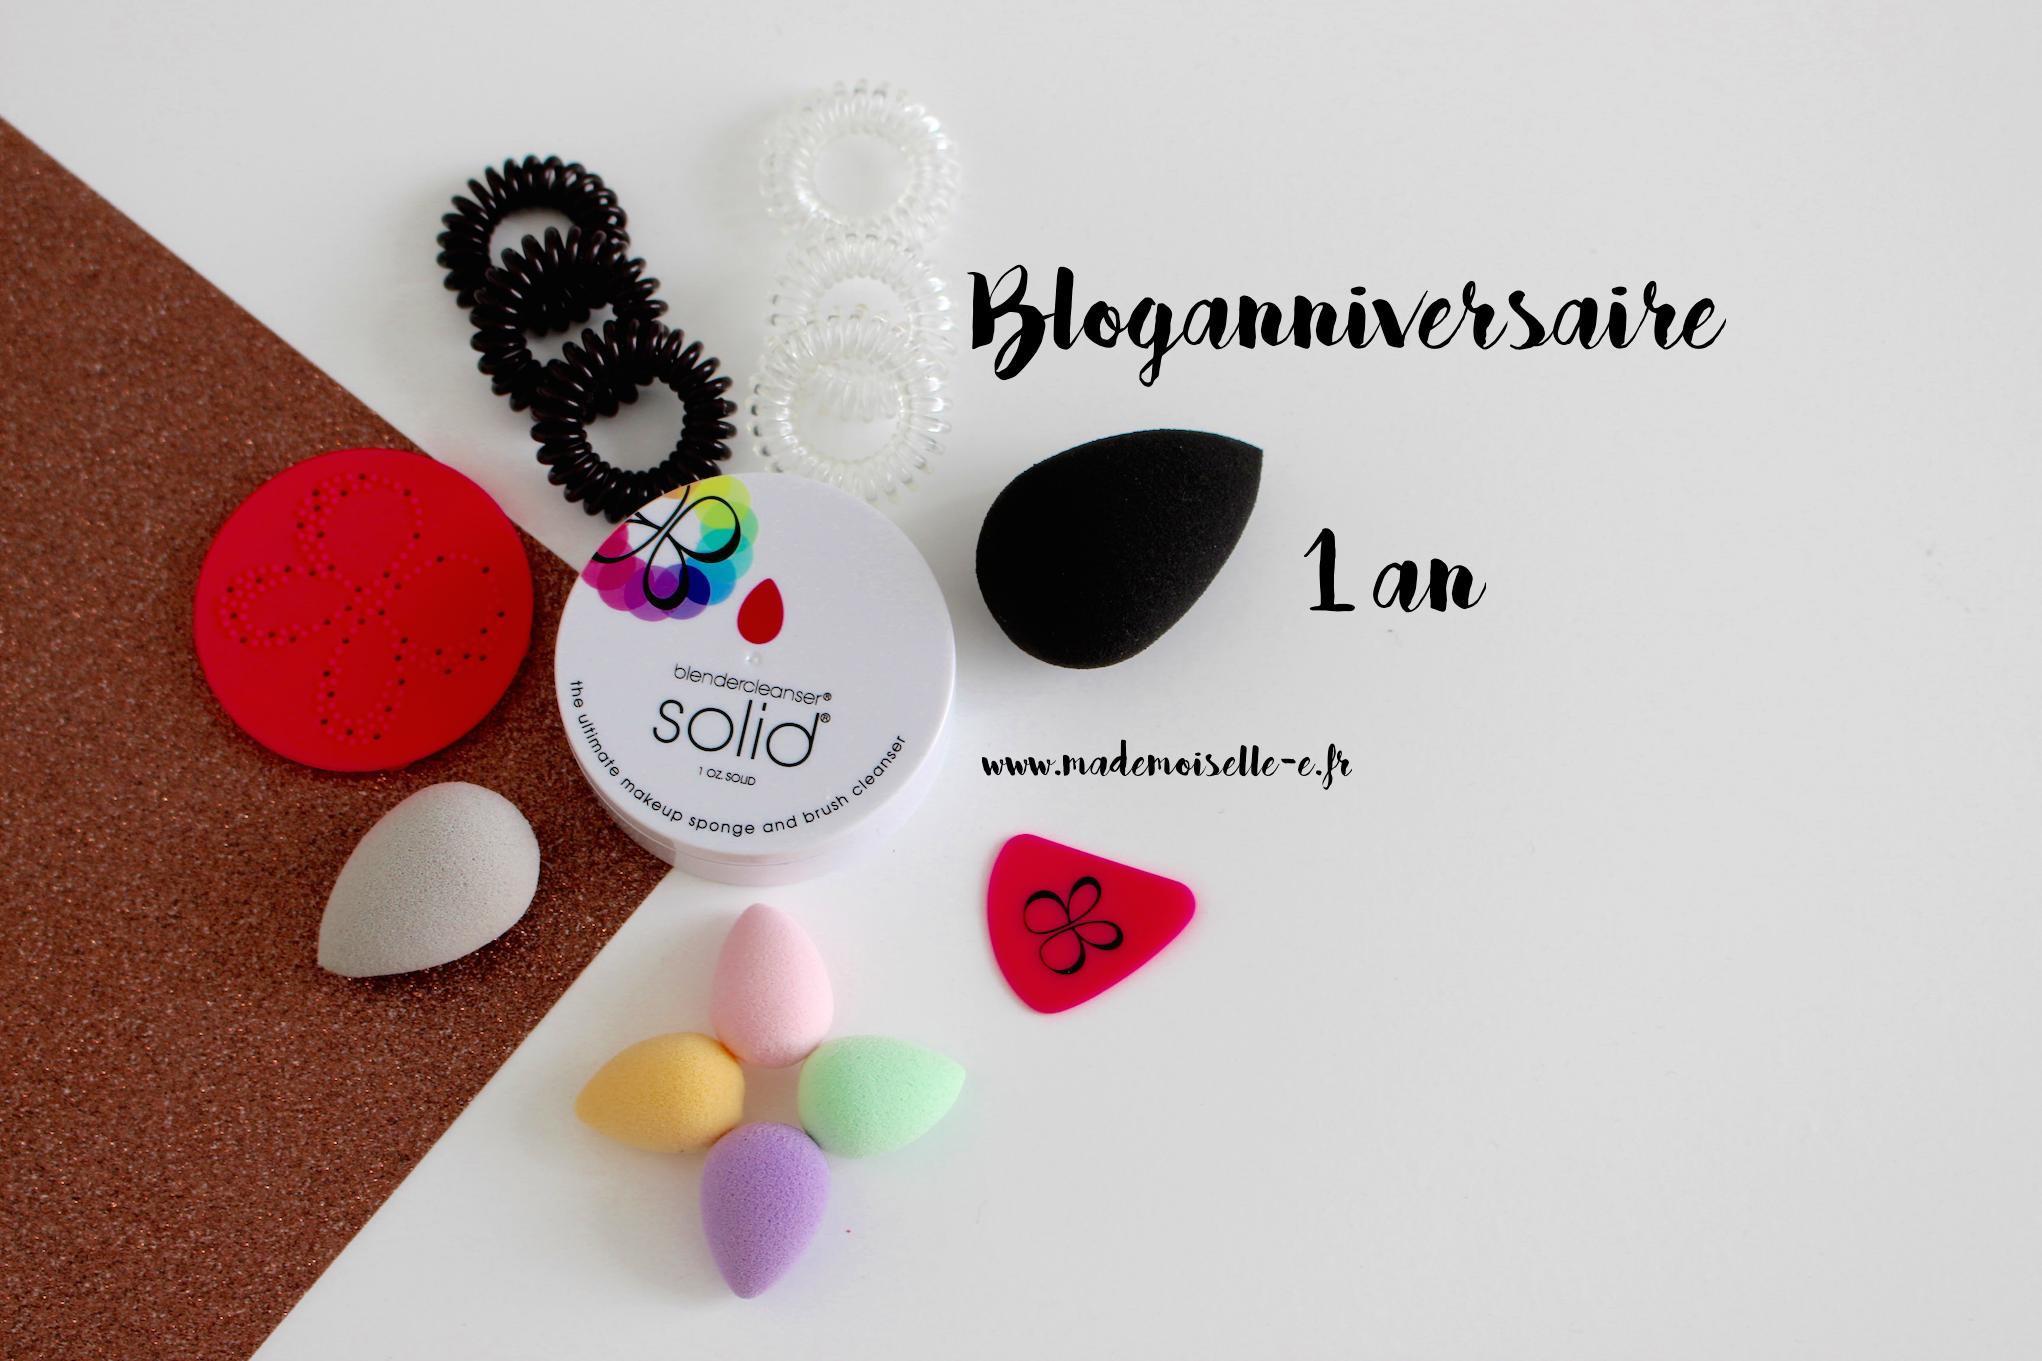 bloganniversaire présentation_mademoiselle-e